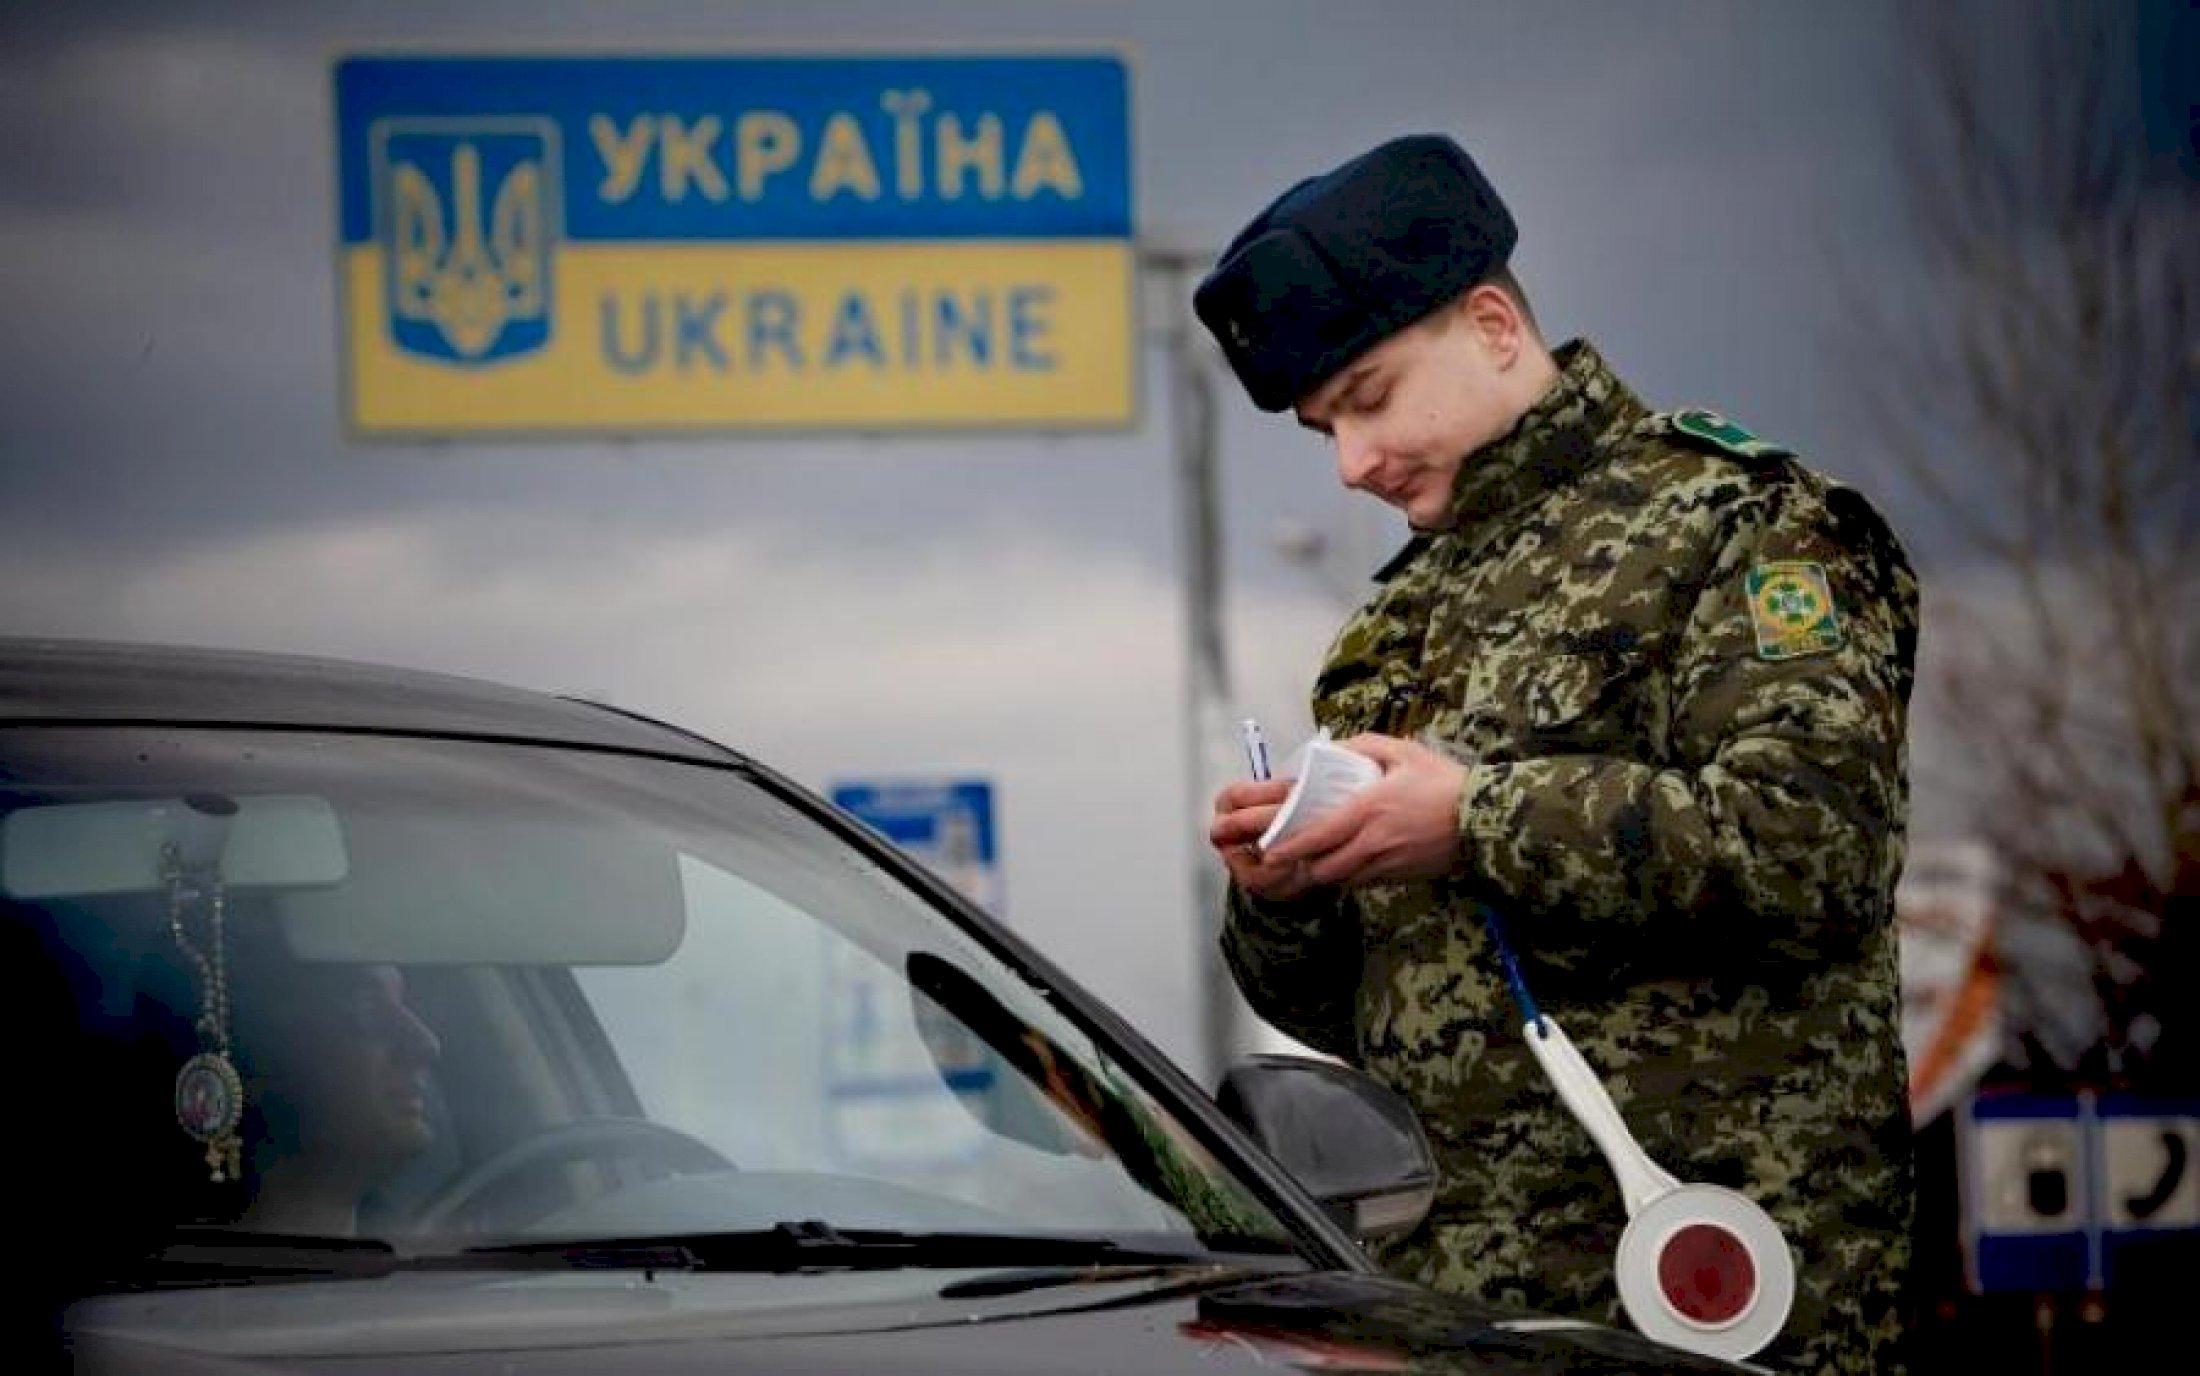 Проверка документов украинскими пограничниками